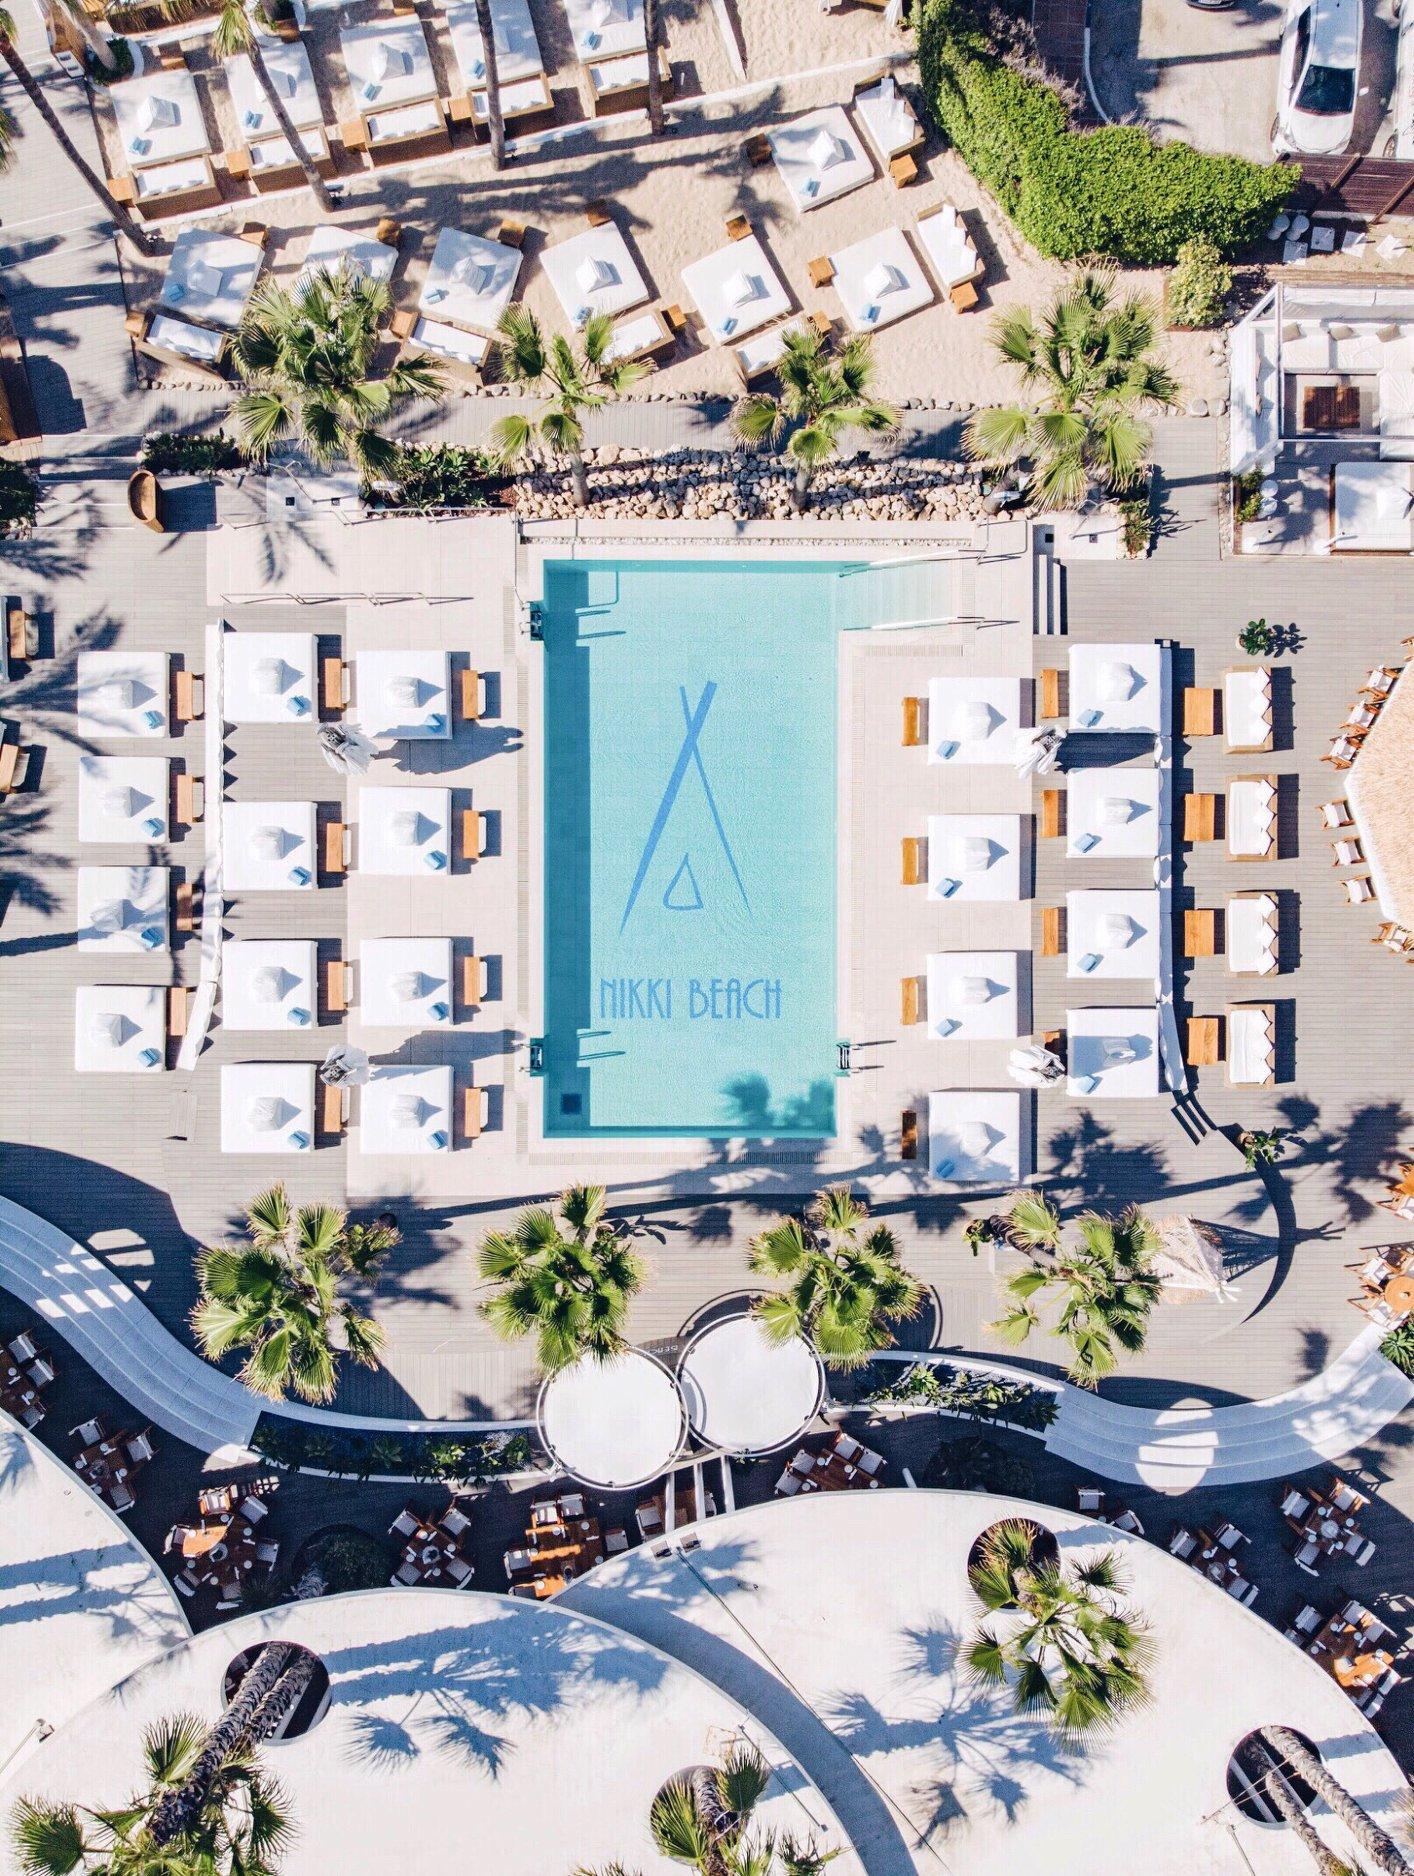 Nikki beach Opening dates 2020